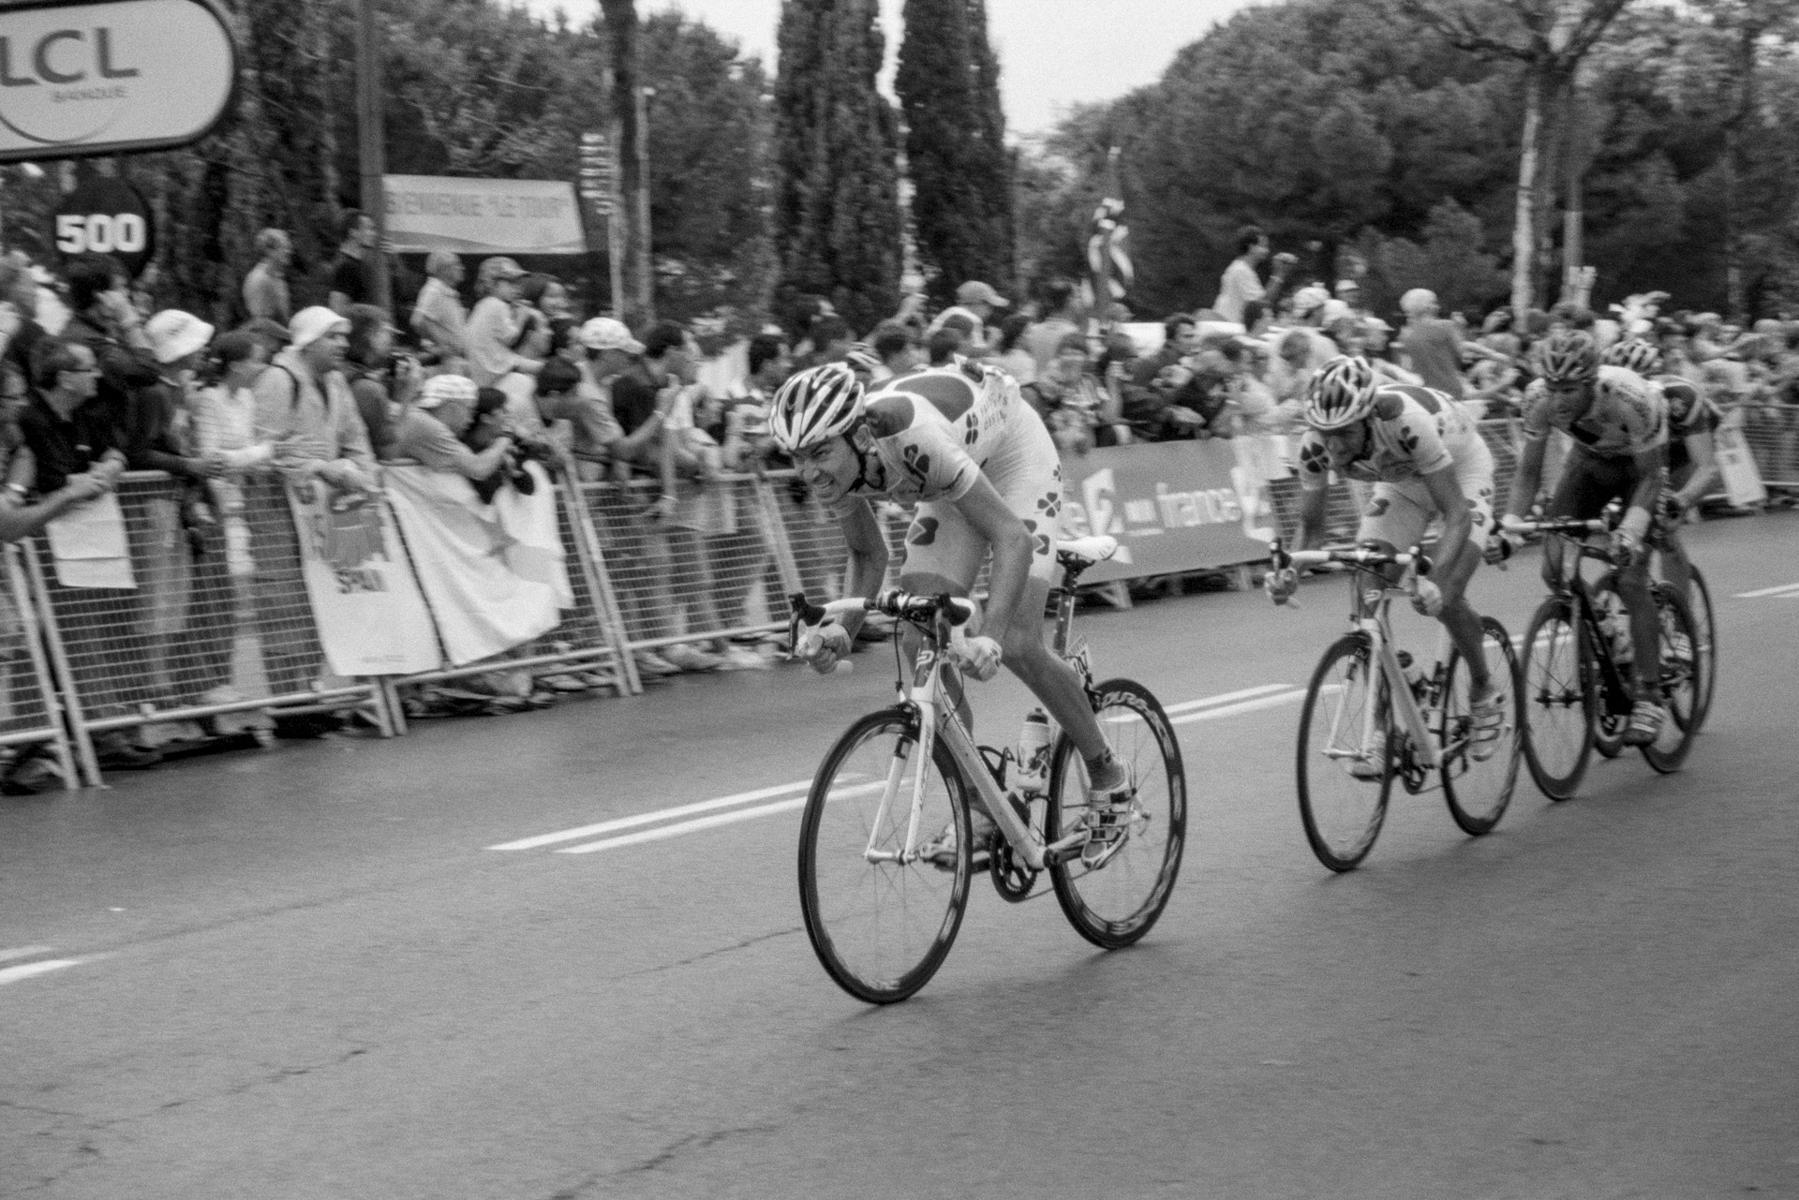 Le Tour de France 2009 Jérémy Roy from team Française des Jeux on his last meters. Jérémy Roy, de l'équipe La française des Jeux, sur ses derniers mètres. Jérémy Roy, Team Française des Jeux, auf den letzten Metern. Jérémy Roy del equipo Française des Jeux en sus últimos metros.